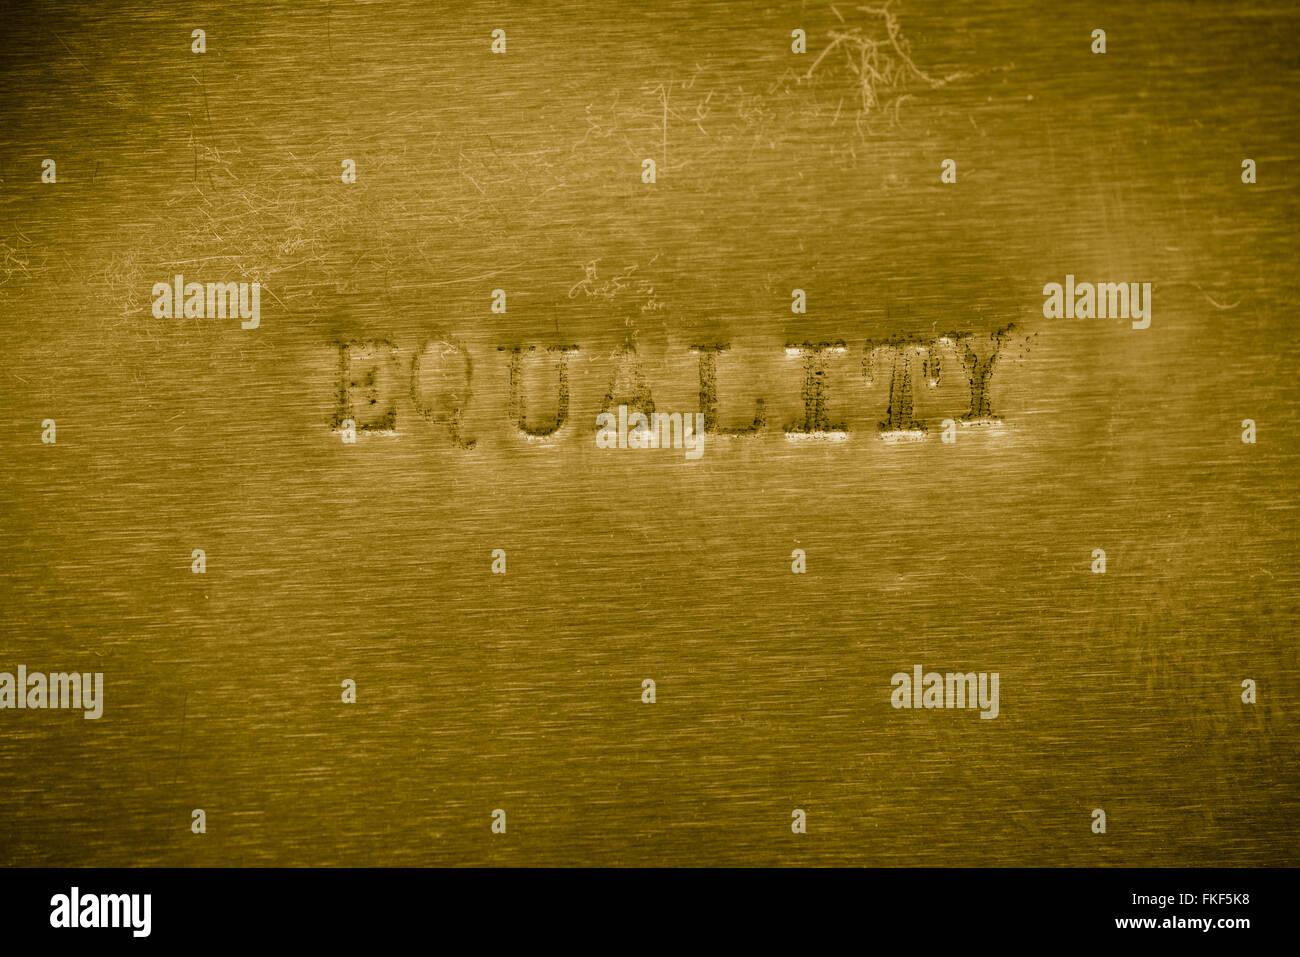 L'égalité de mots imprimés sur texture de fond métallique d'or Photo Stock